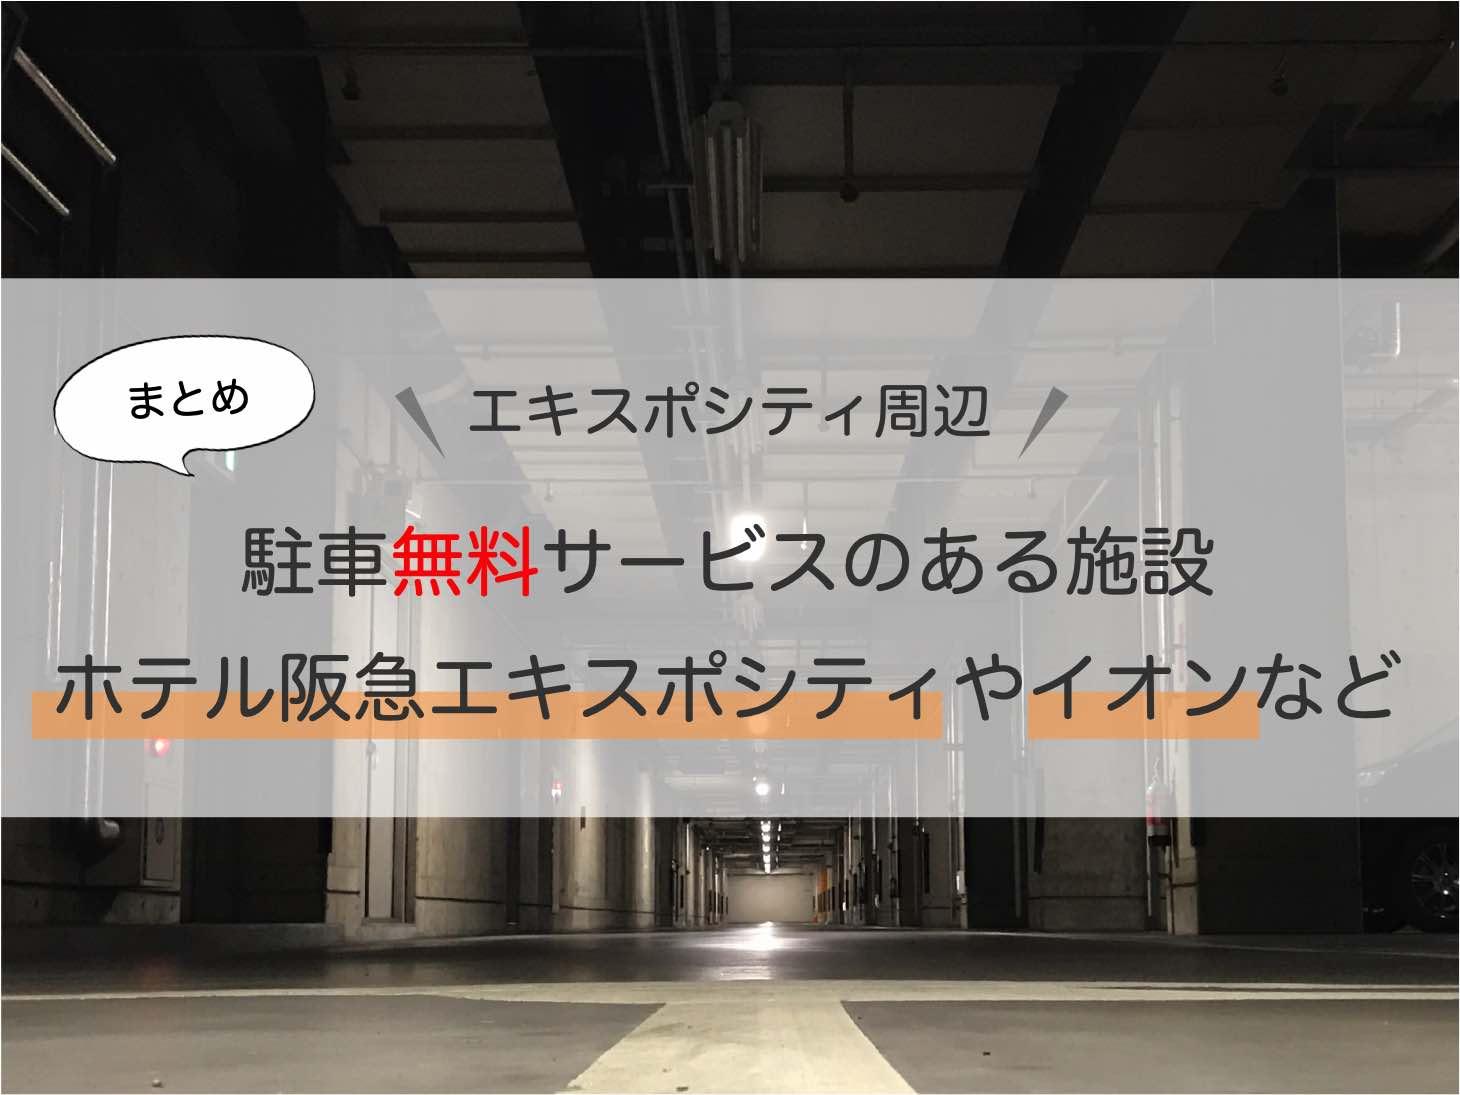 ホテル阪急エキスポパーク_駐車場